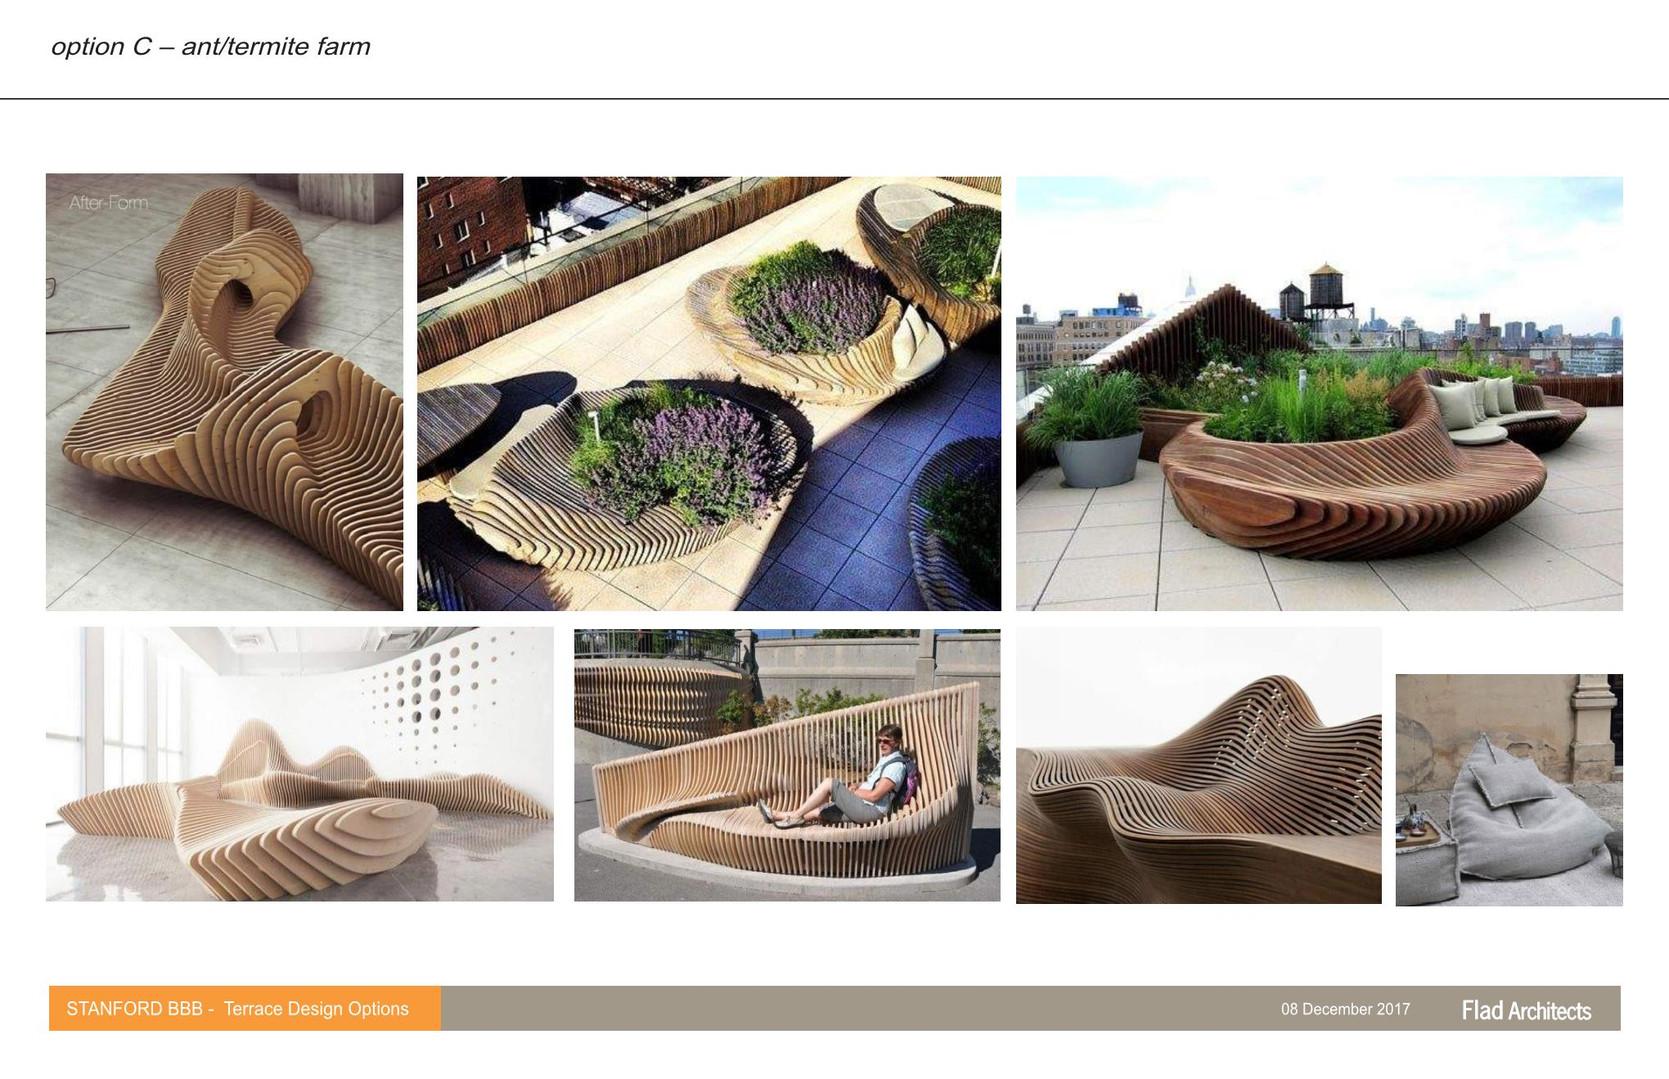 Terrace Planter Concepts